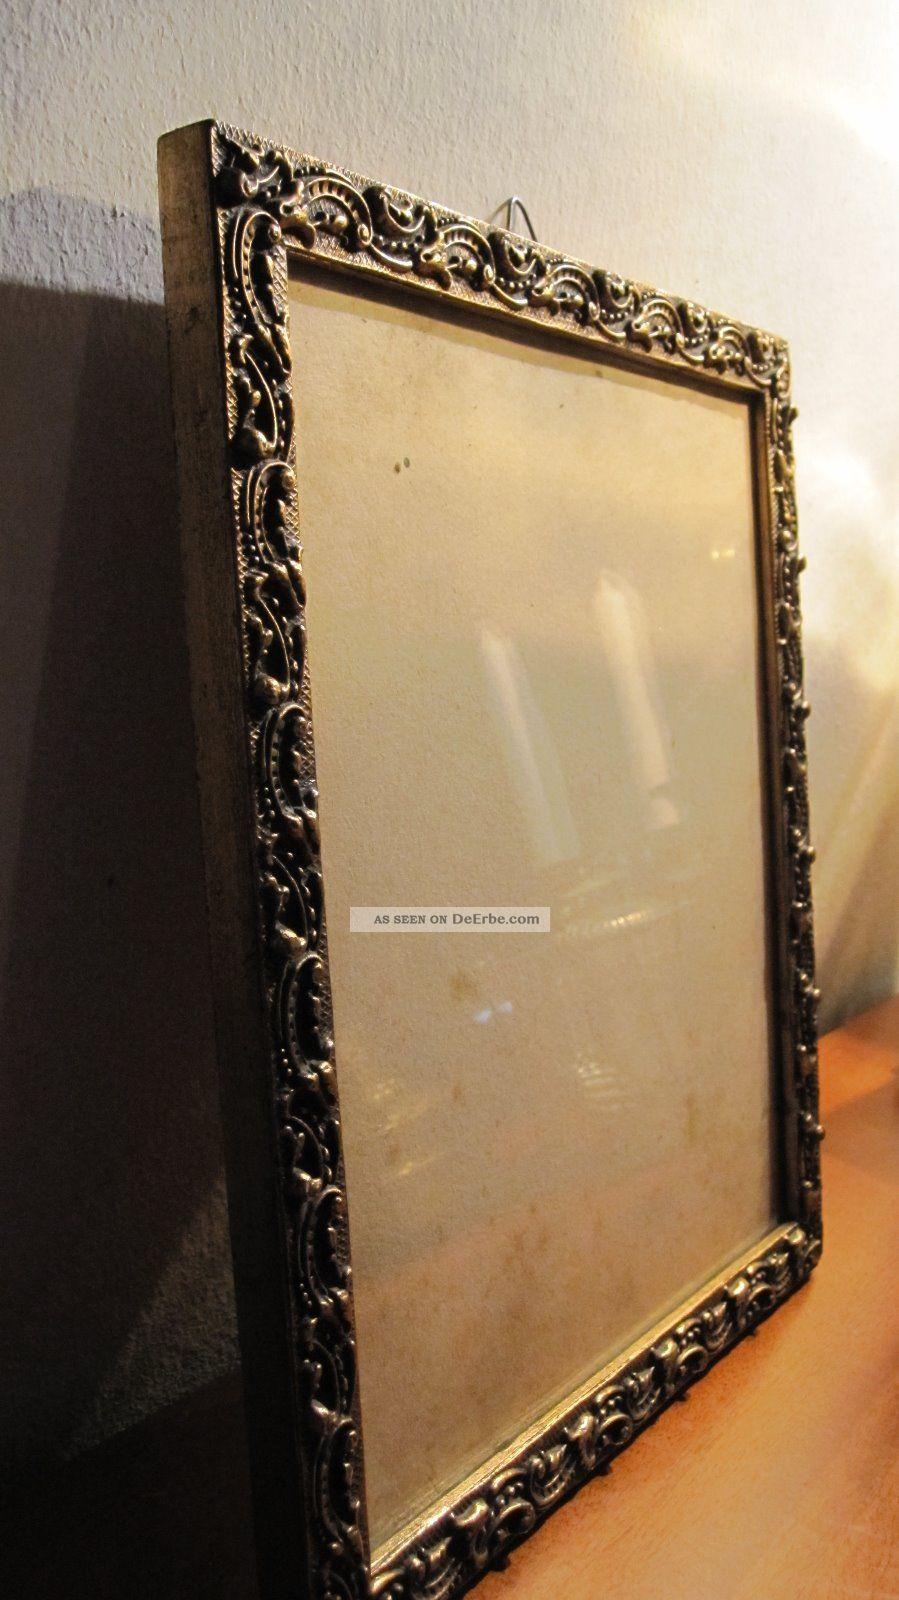 Kleiner Bilderrahmen, Alt, Holz, Gold Mit Muster, 24 X 28 Cm,